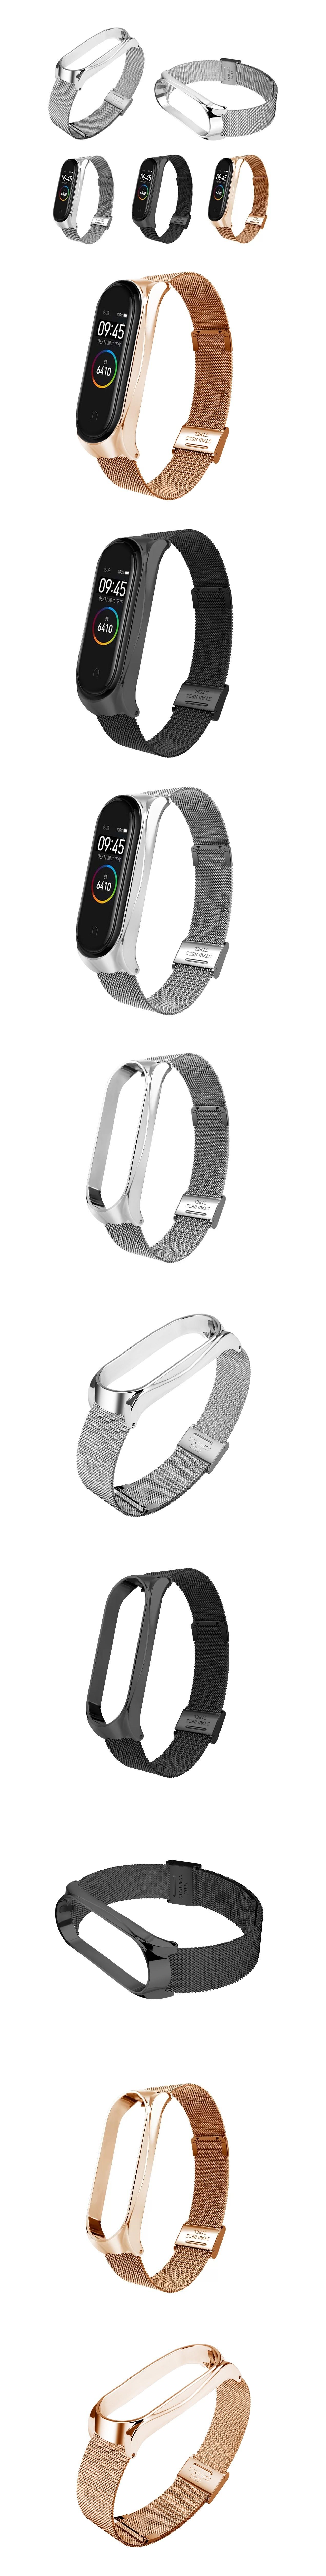 Prezentare-bratari-metalice-cu-zale-mici-Xiaomi-Mi-Band-40a1b5ec506698f65.jpg